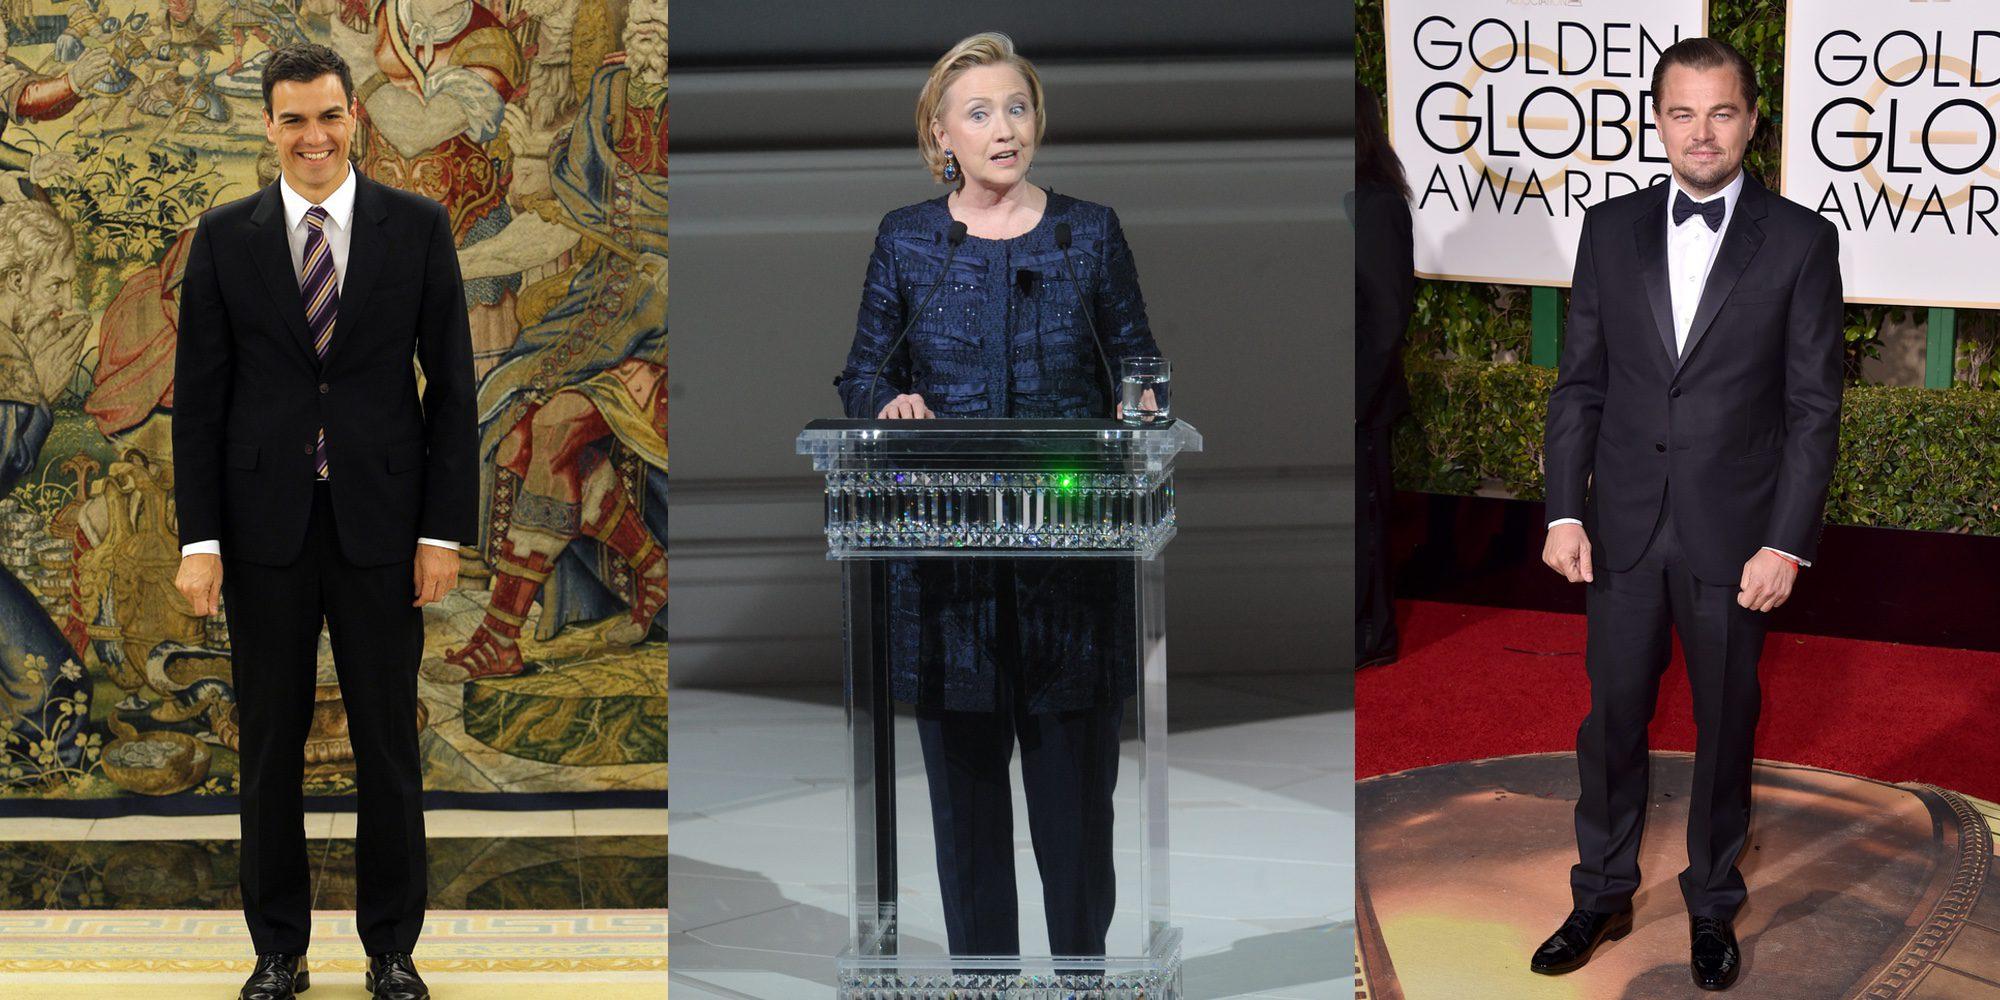 Pedro Sánchez, Leonardo DiCaprio, Hillary Clinton... los personajes que más titulares dieron en 2016